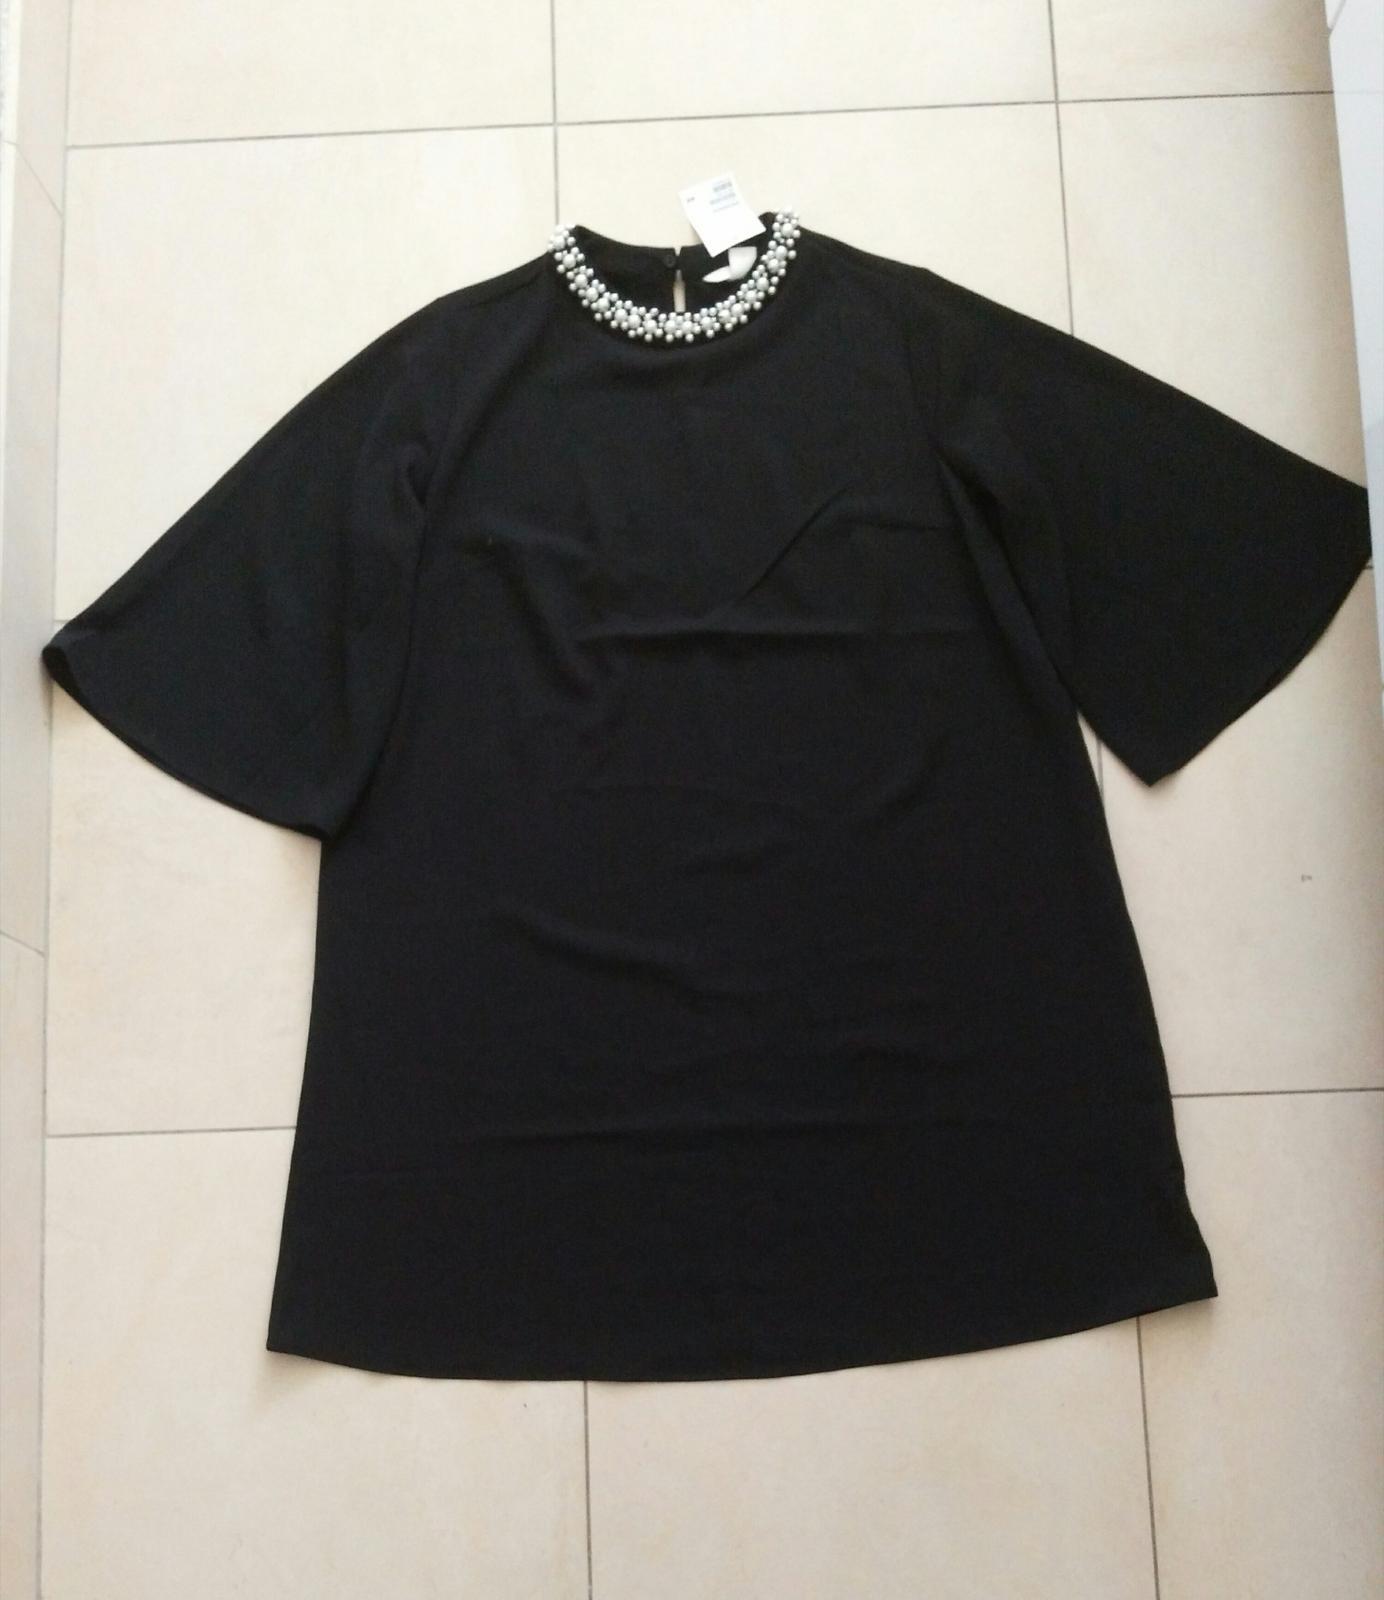 Čierne elegantné oversize saty 36/S - Obrázok č. 1